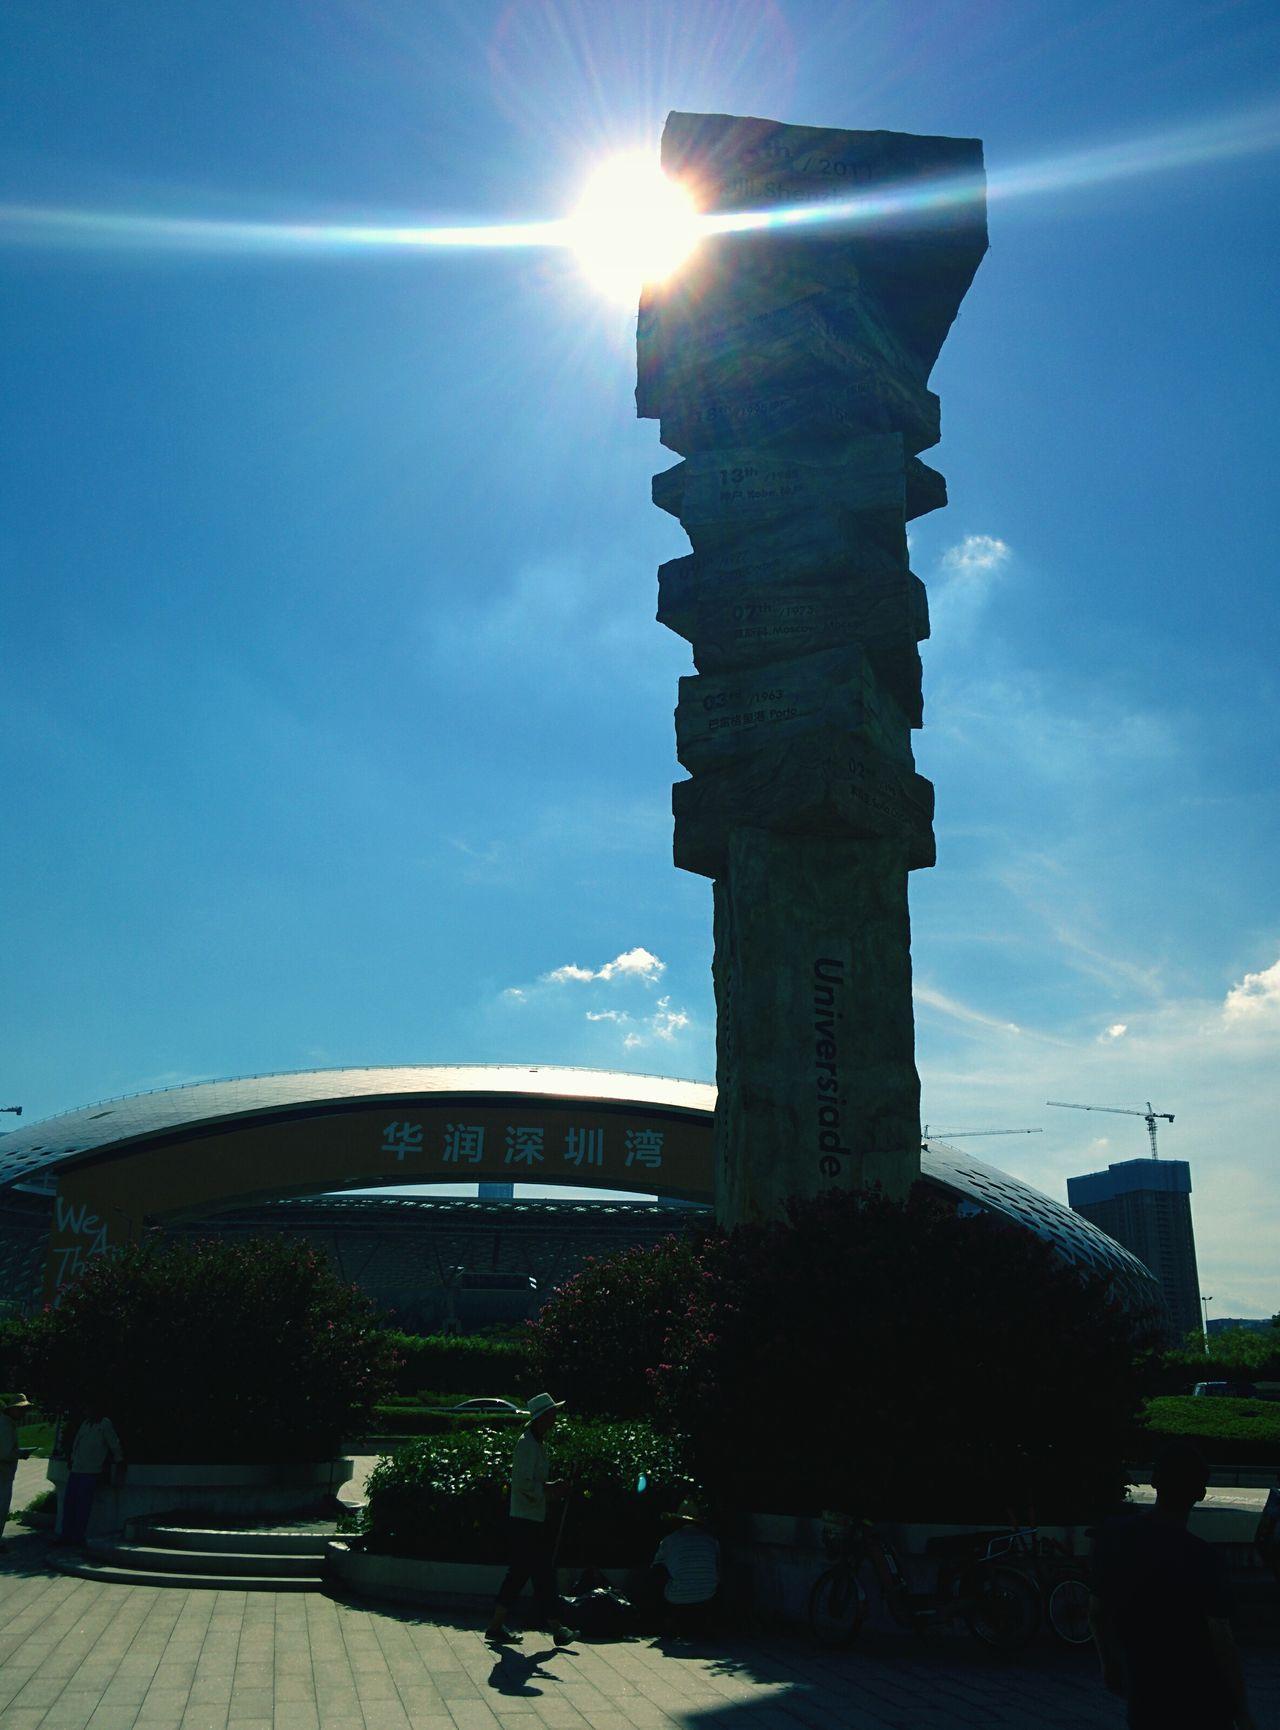 深圳湾 Walking Around Enjoying The Sun